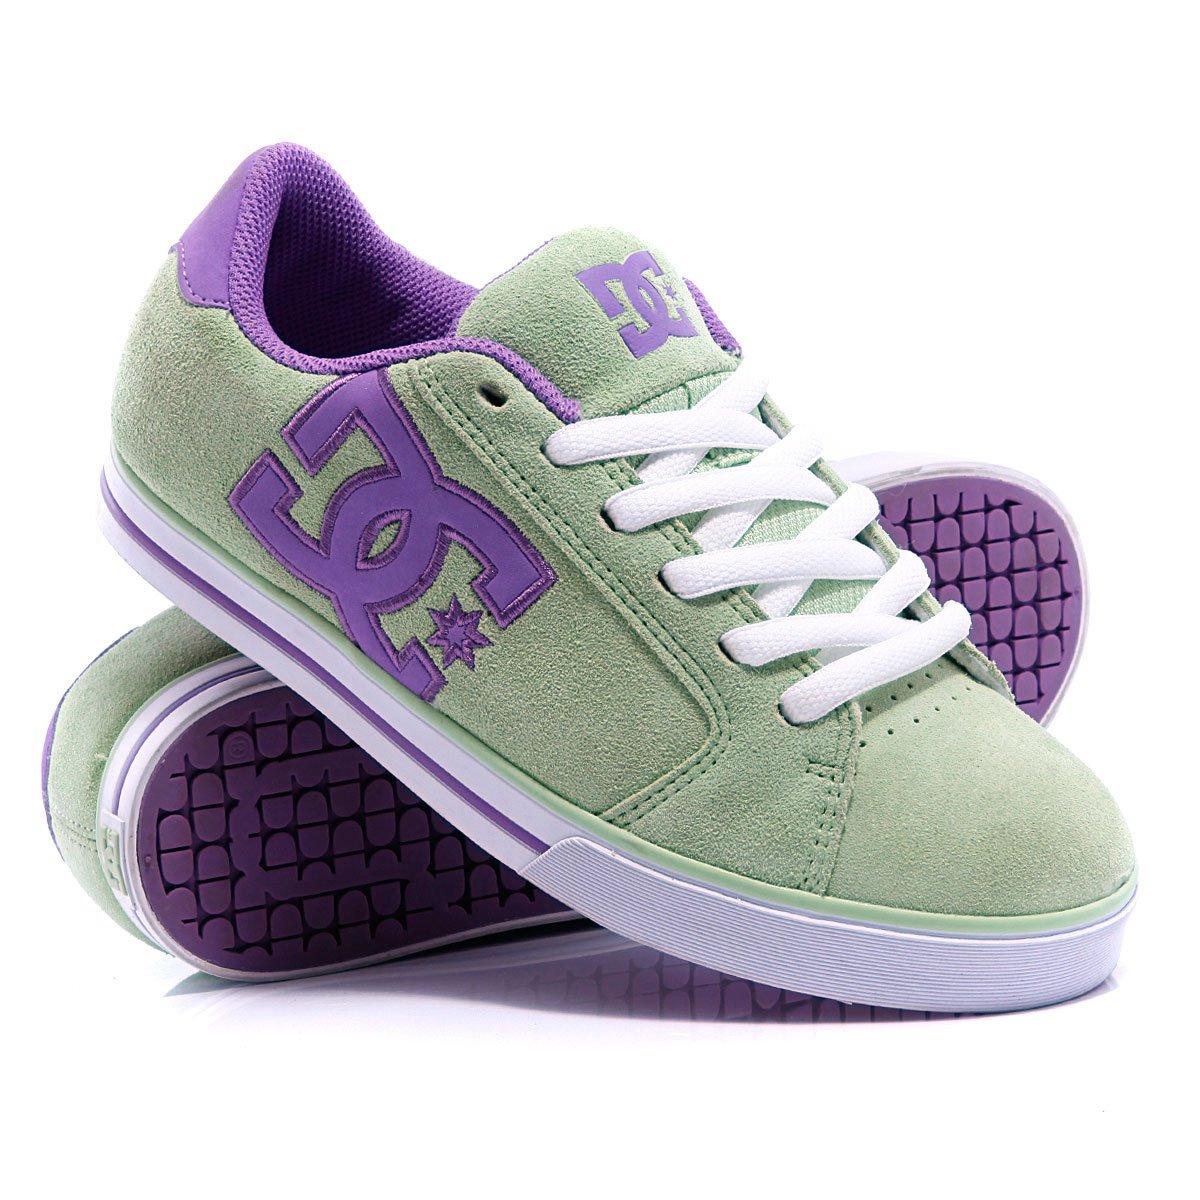 feb4b63c18af59 Янита обувь каталог чита. Интернет-магазин качественной брендовой обуви.